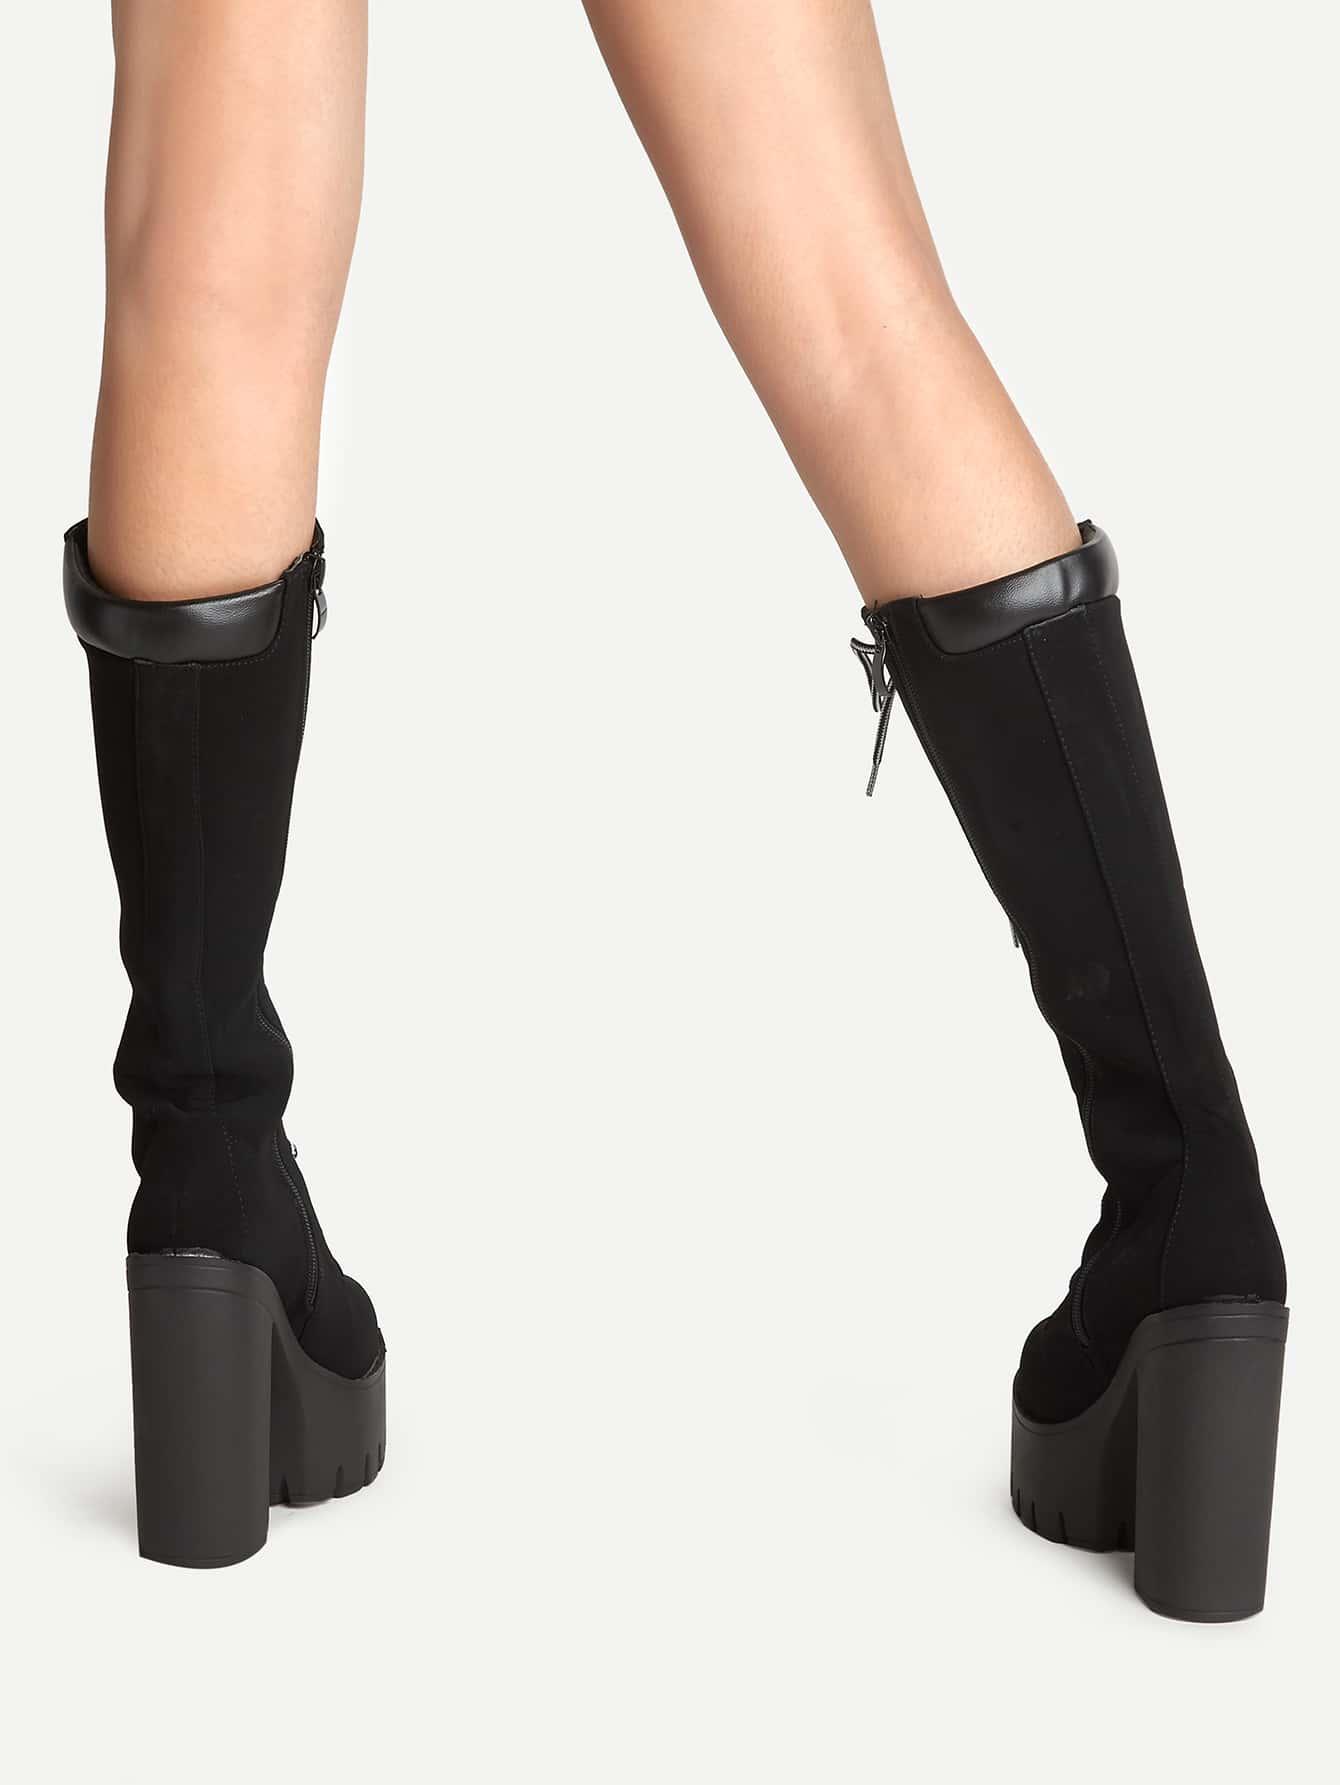 shoes161118806_2